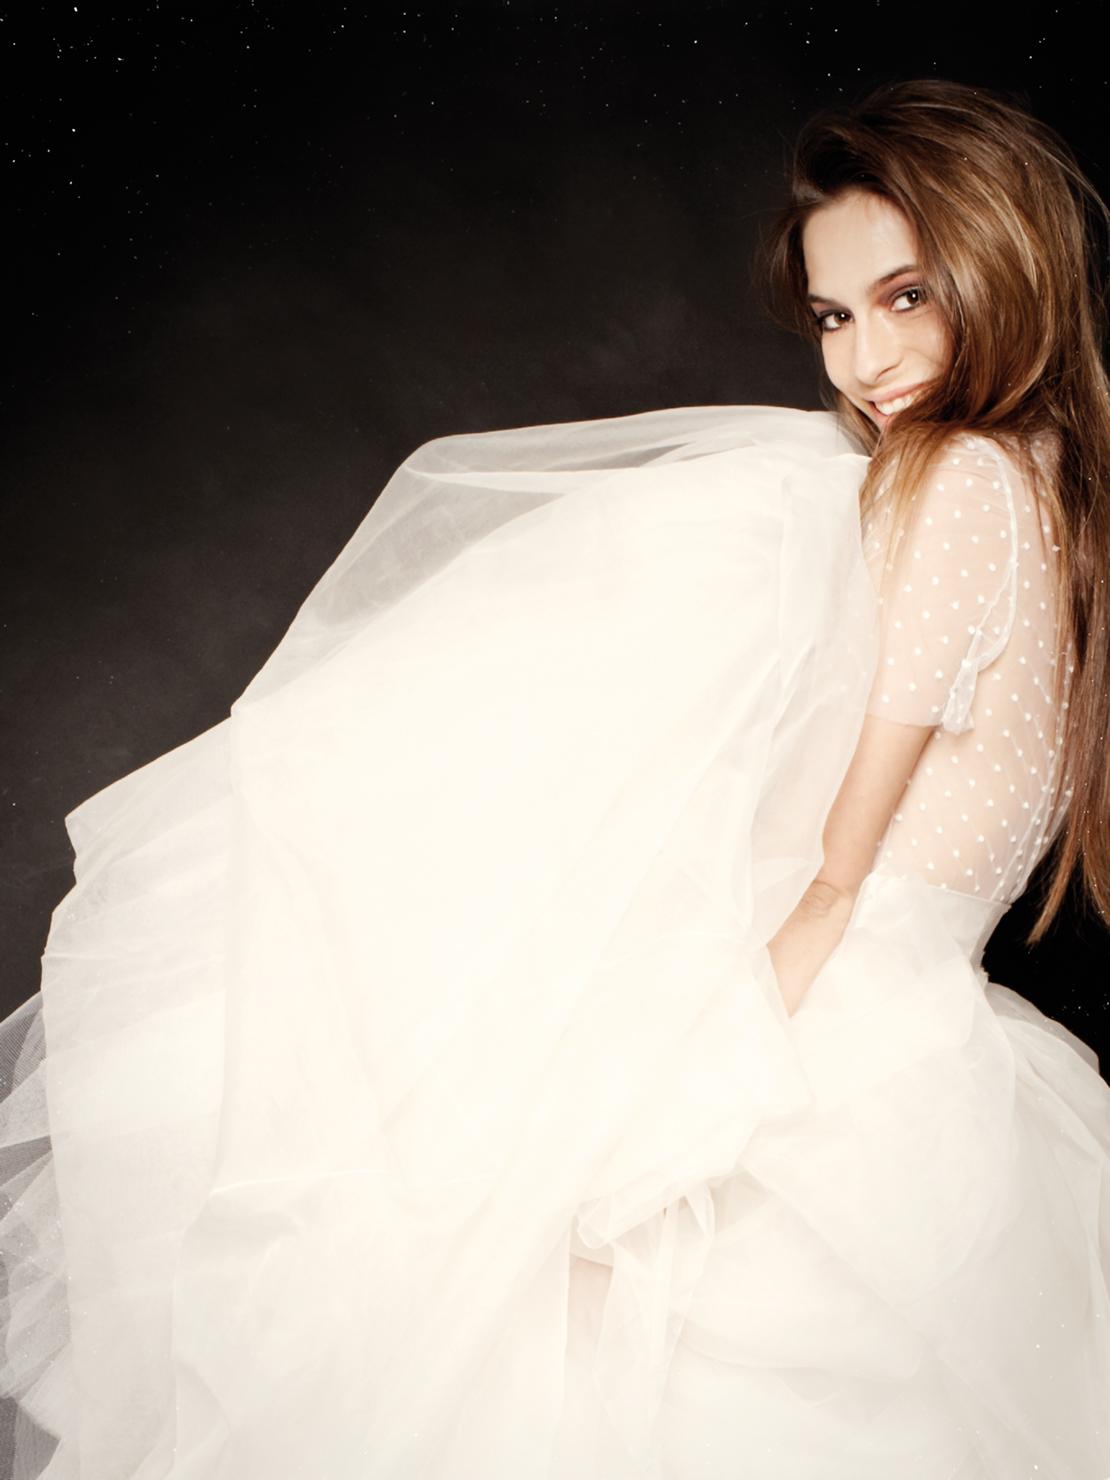 Anne Wolf Brautkleider und Hochzeitskleider in Maßanfertigung